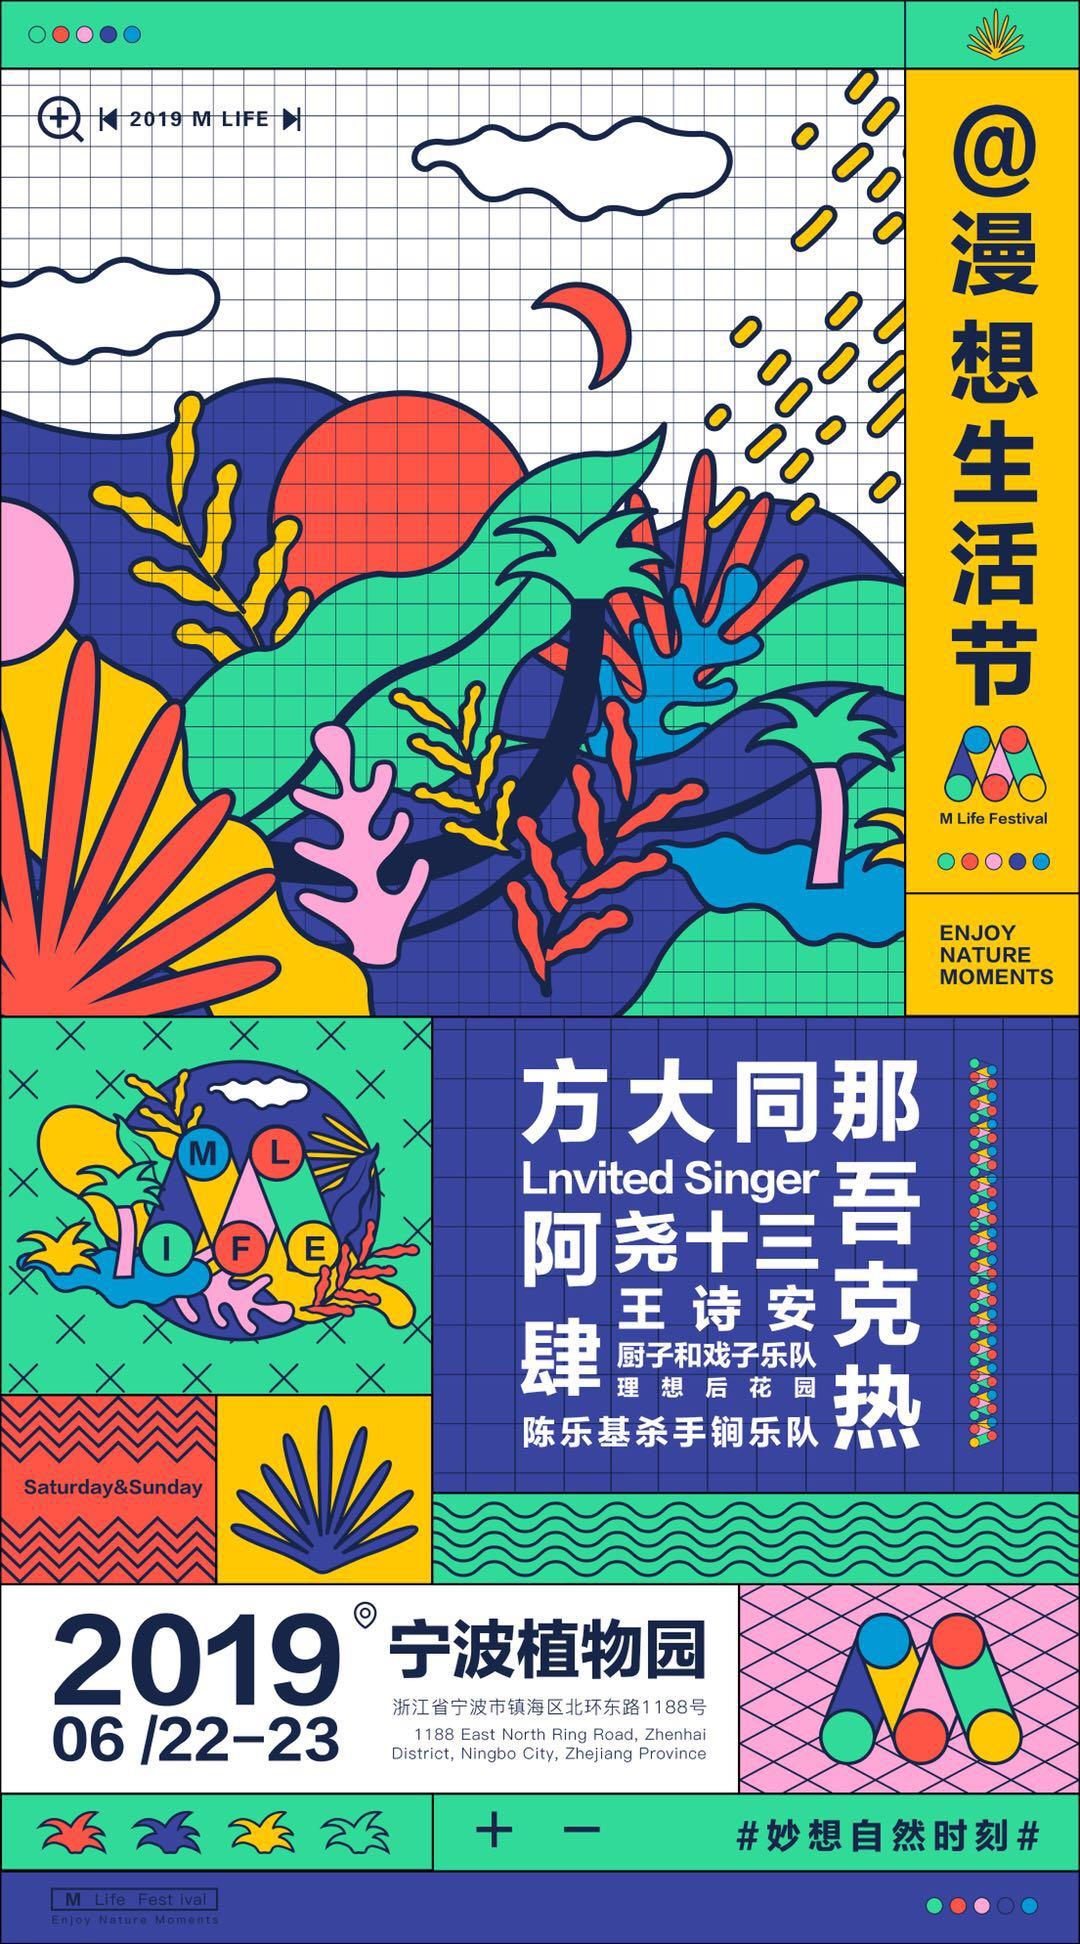 宁波漫想生活节